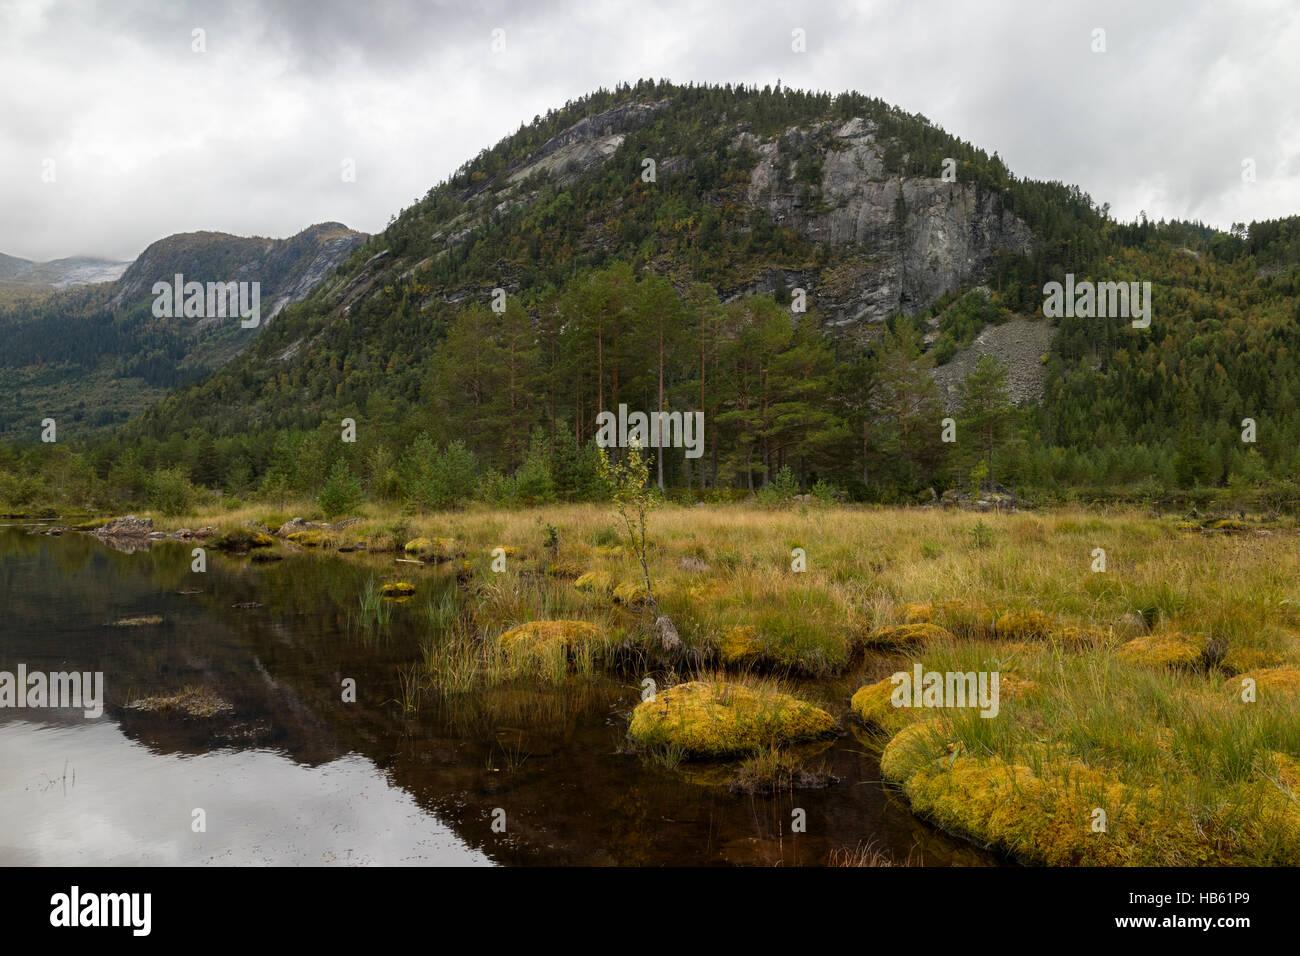 Paysages de la Norvège, Setesdal Photo Stock